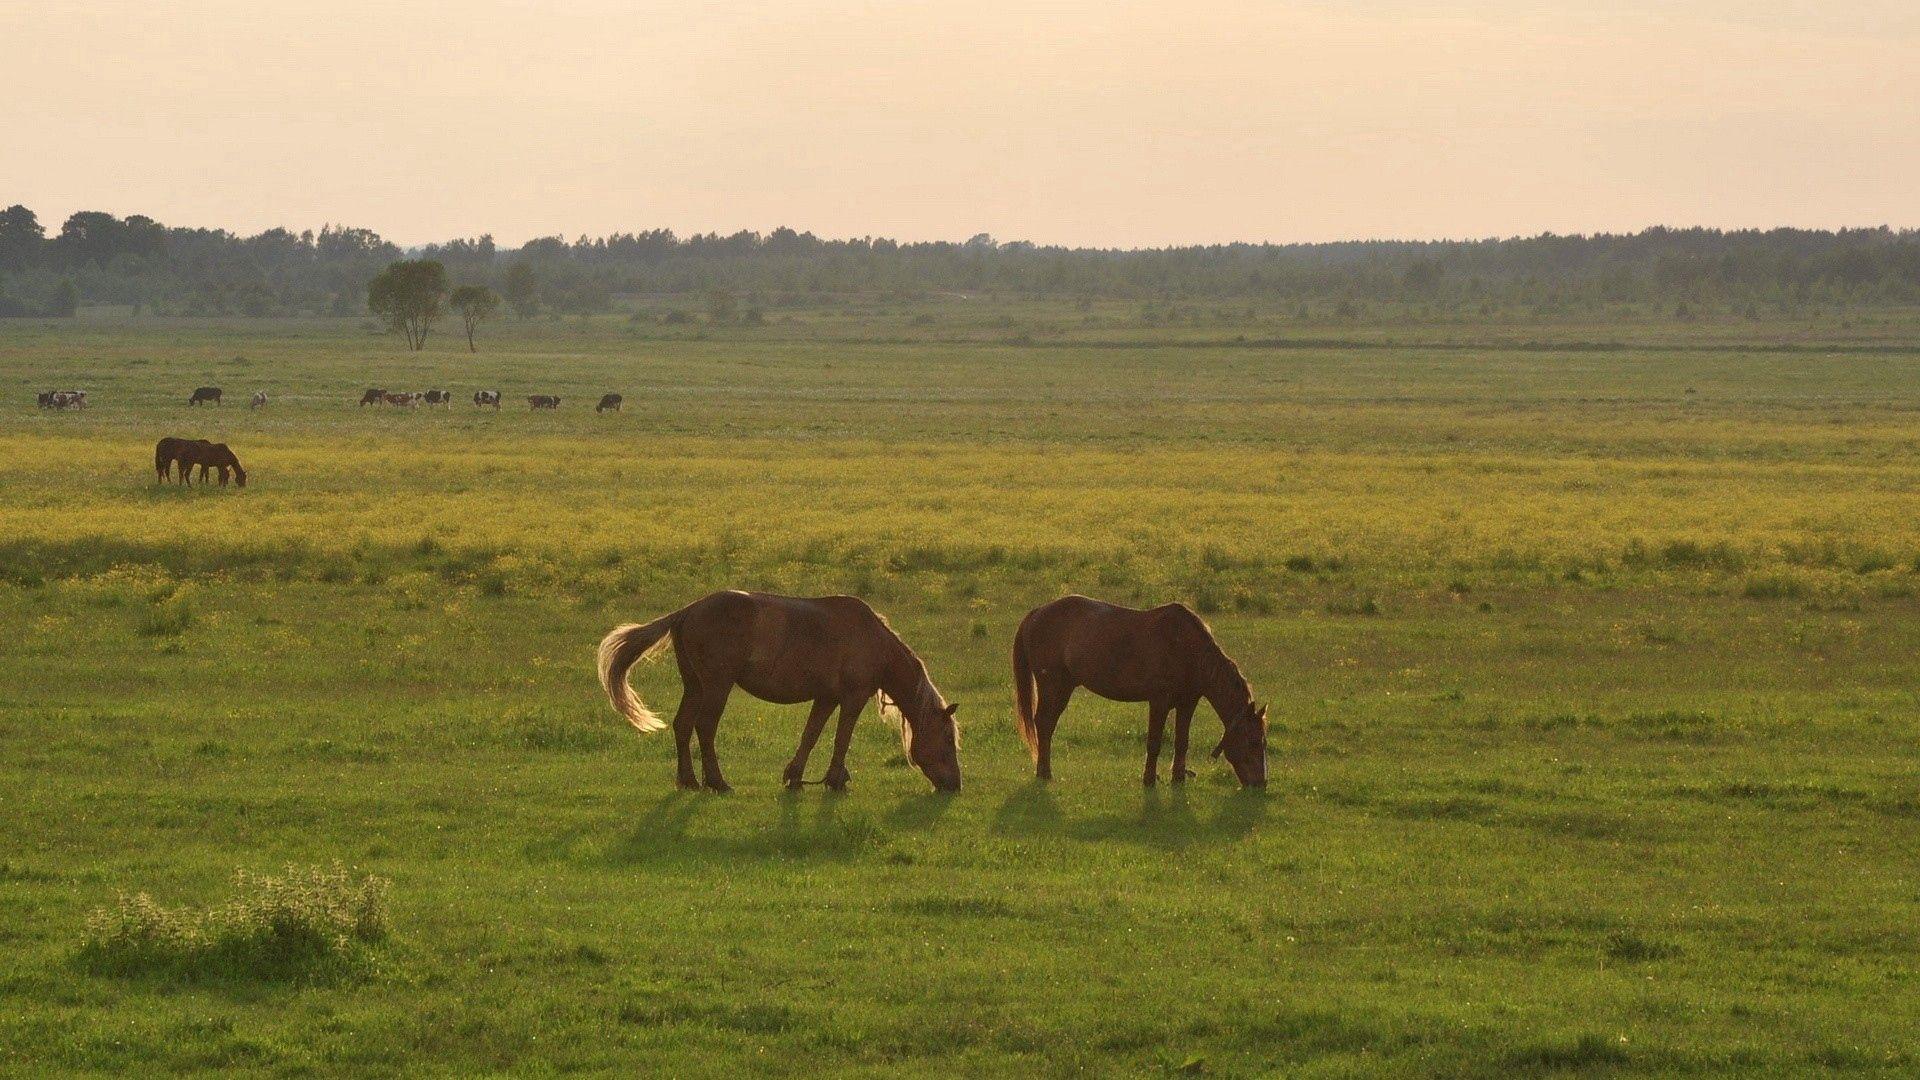 104154 скачать обои Животные, Лошади, Трава, Небо - заставки и картинки бесплатно